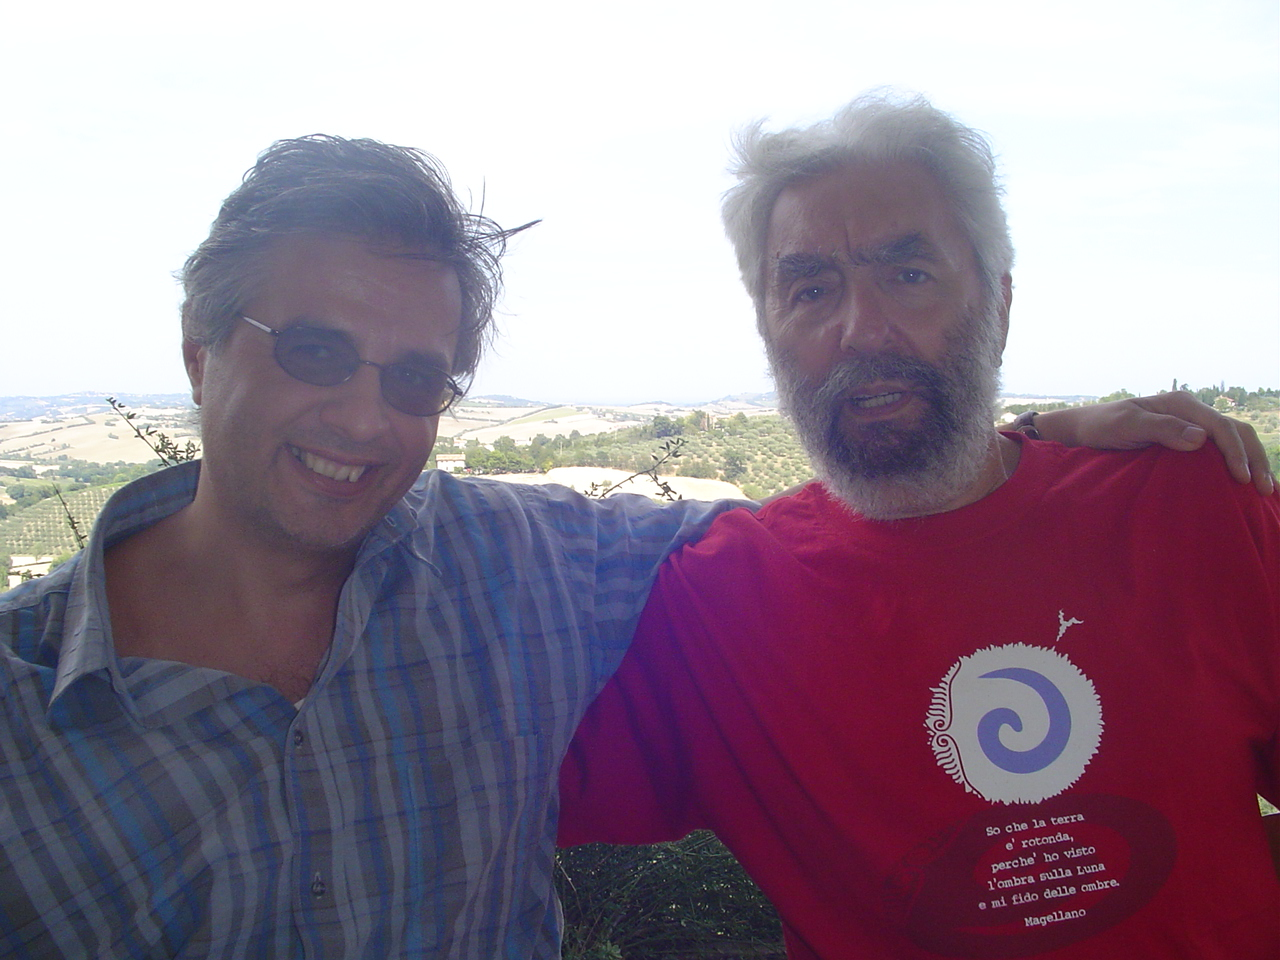 Vito_minoia_e_mariano_dolci_foto_giuliana_mencarini